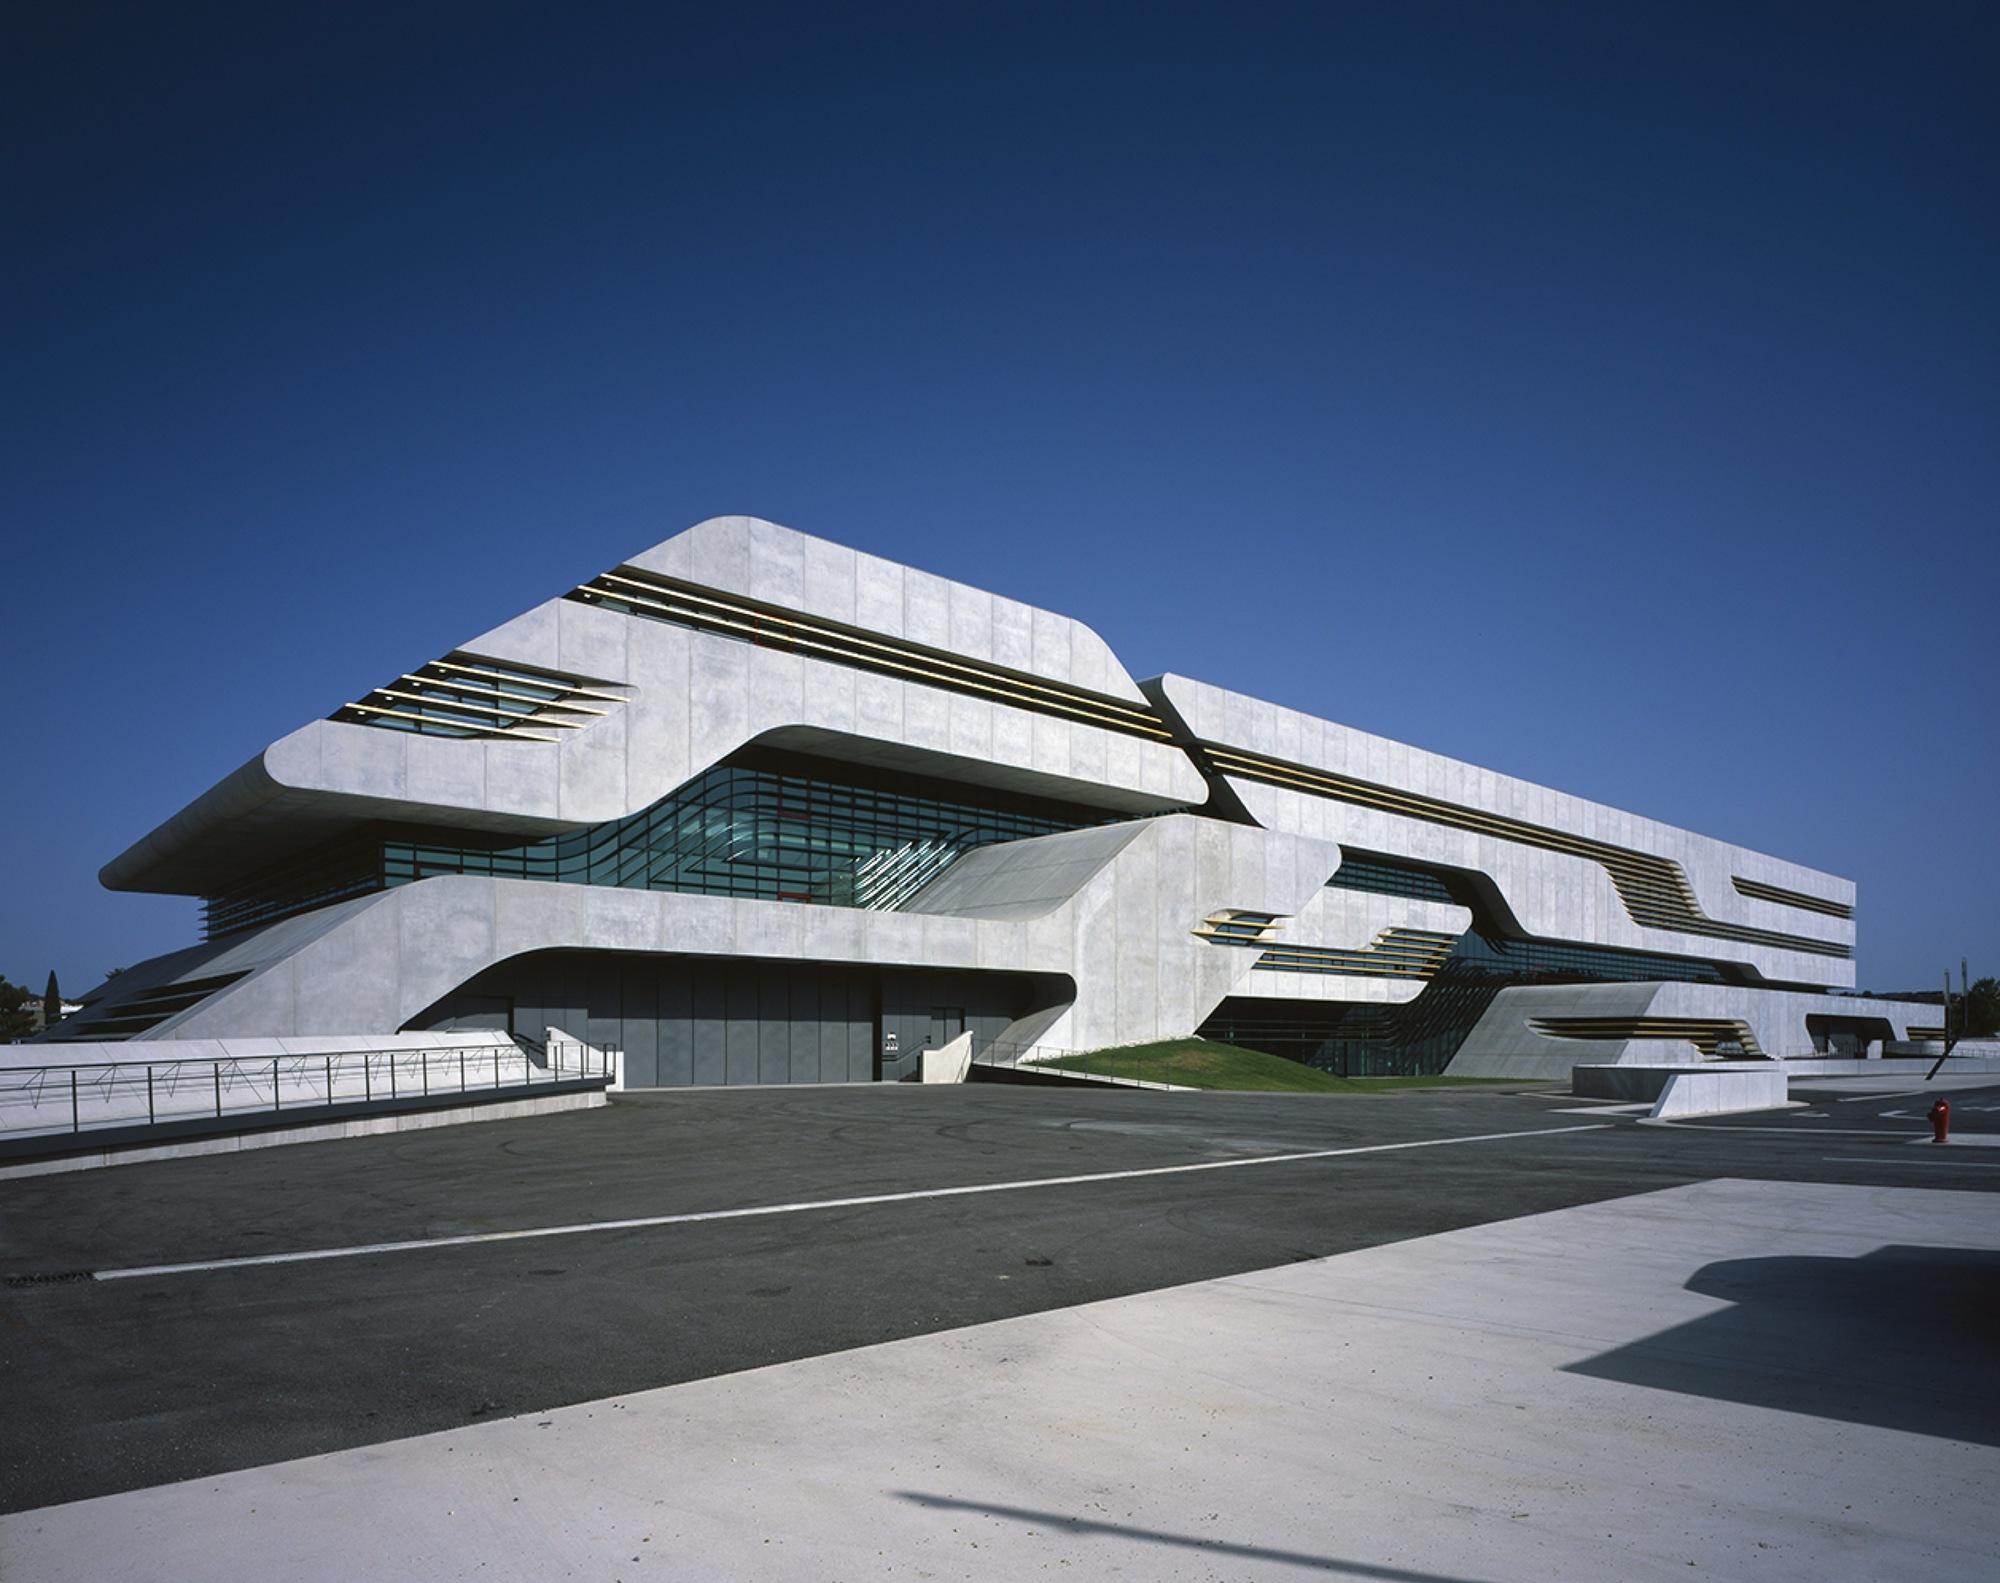 Zaha hadid archdaily brasil for Architecte hadid zaha